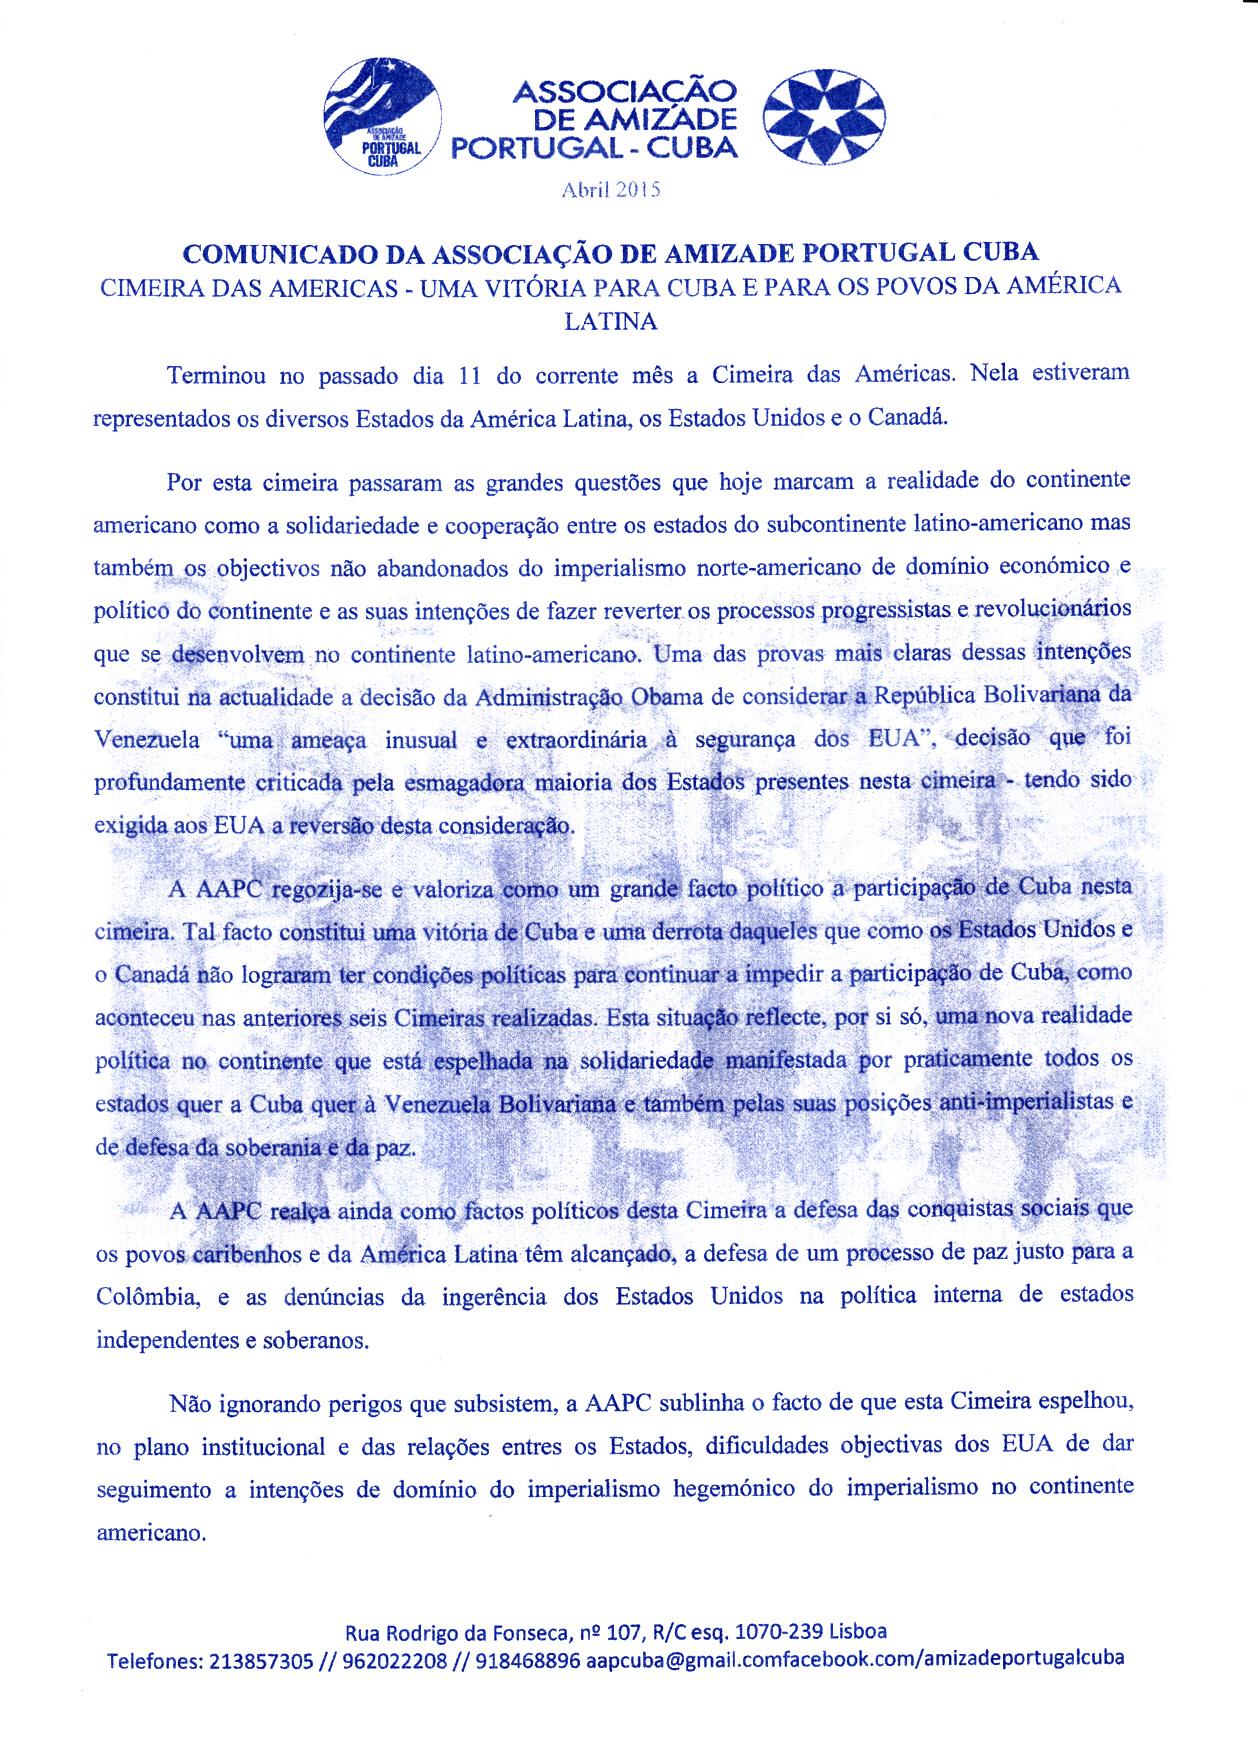 AAP_Cuba_2015_04_25_0001